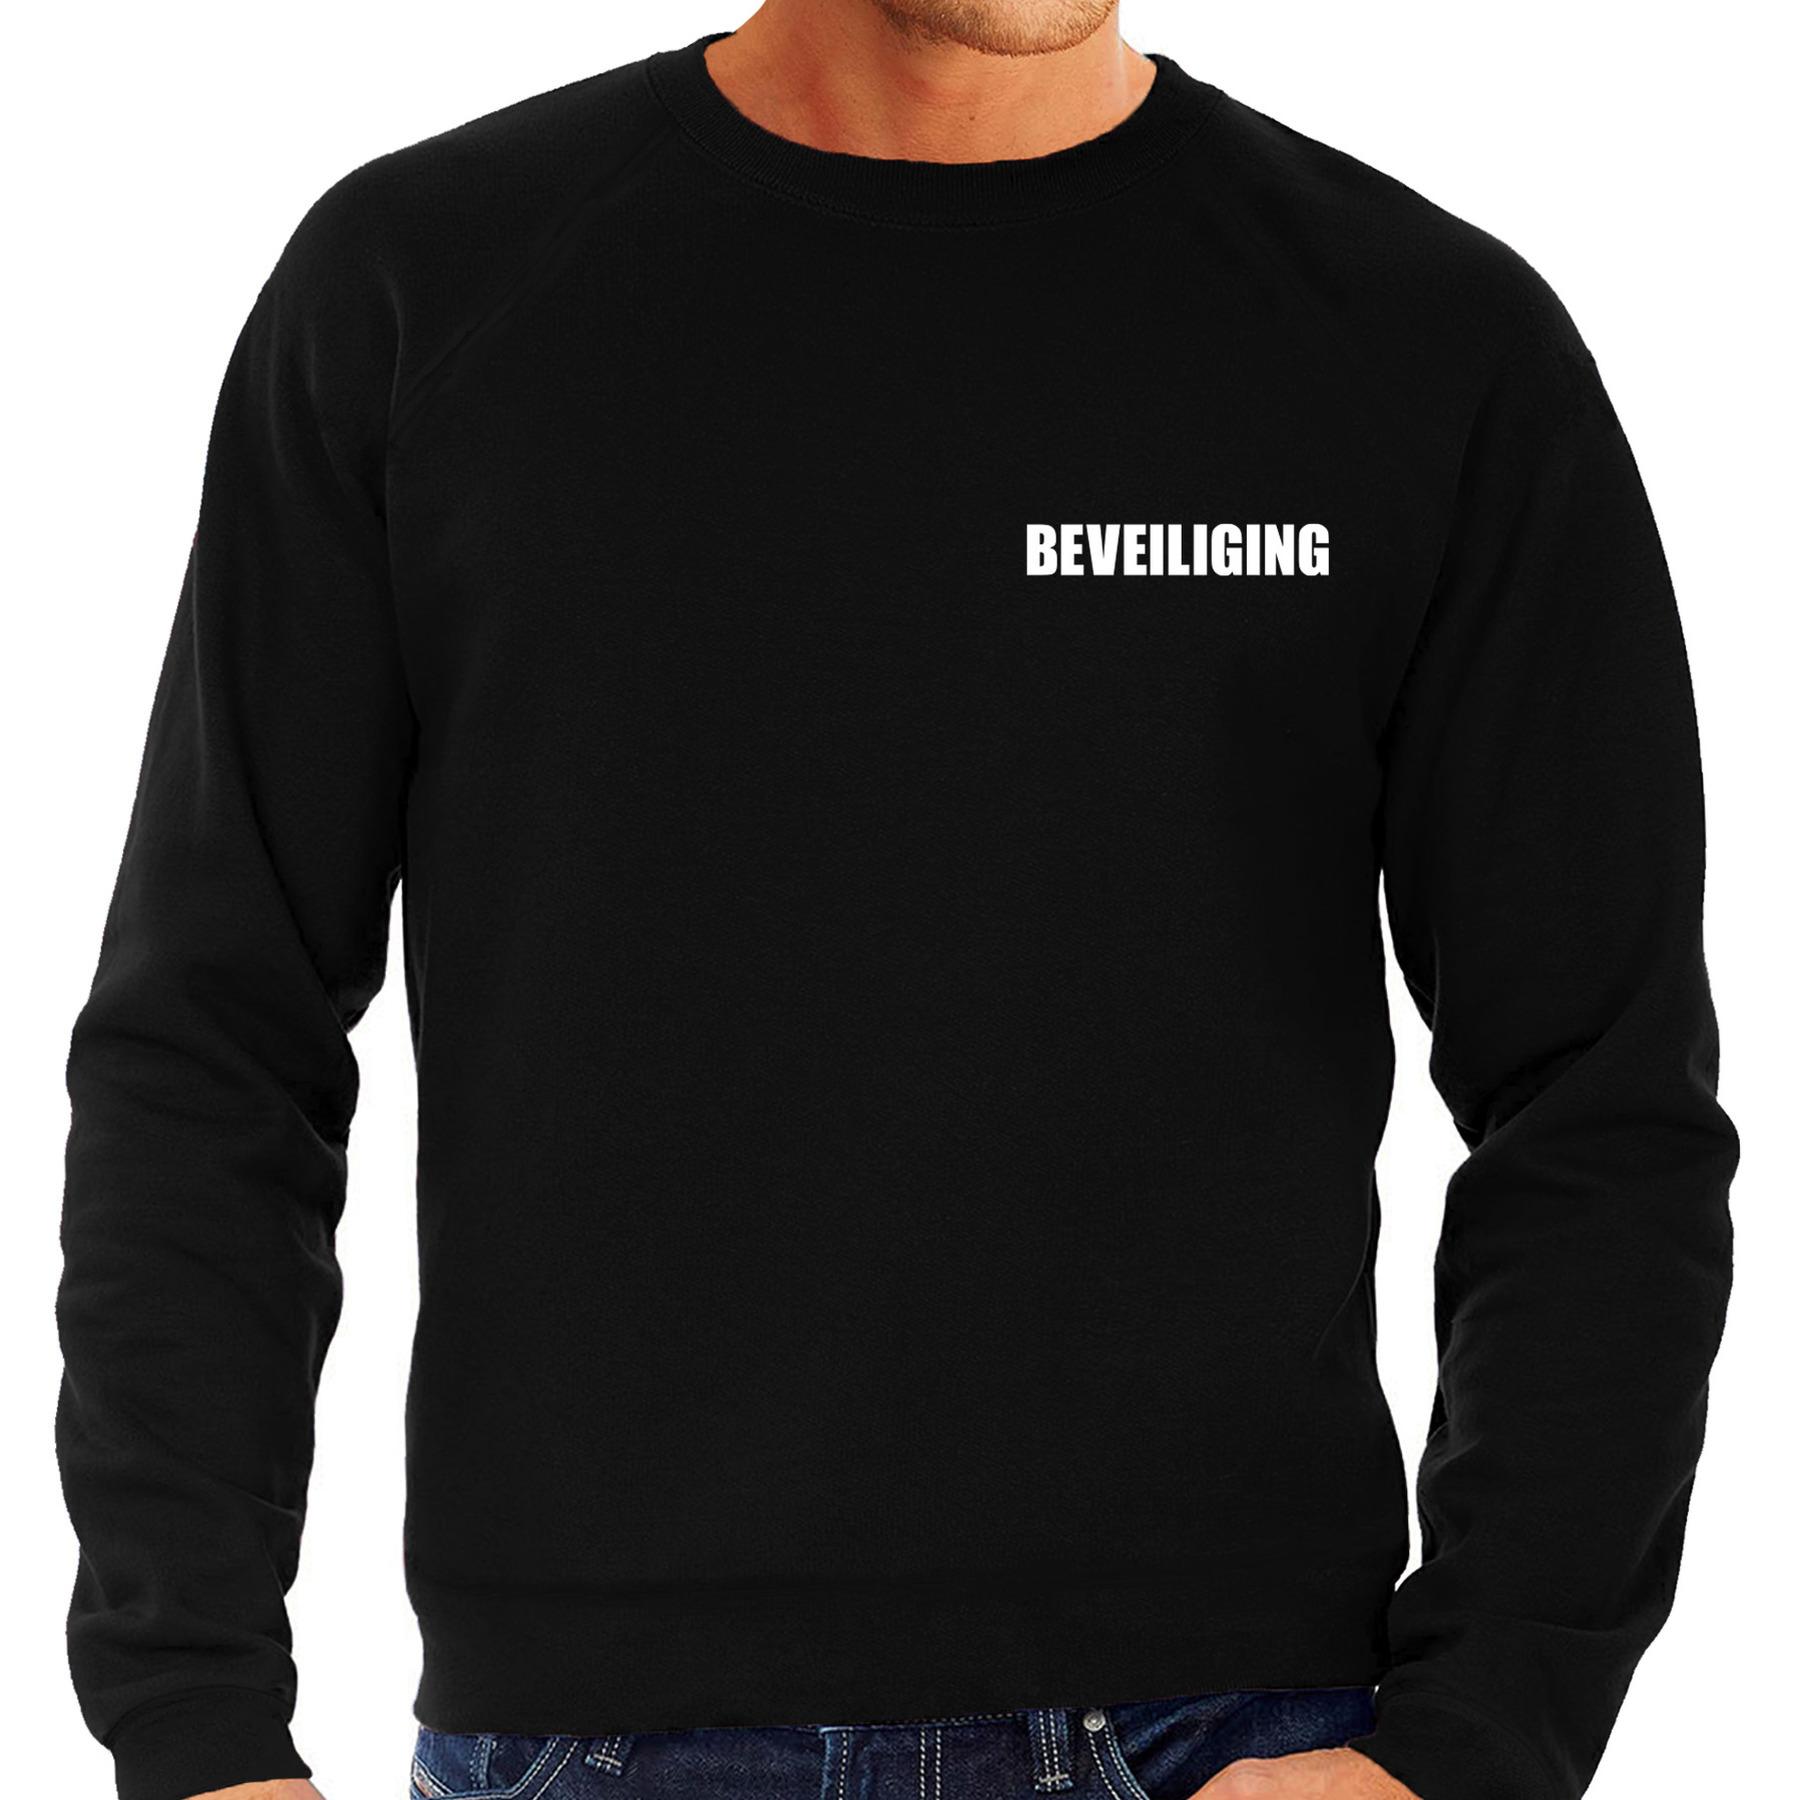 Beveiliging tekst sweater-trui zwart voor heren